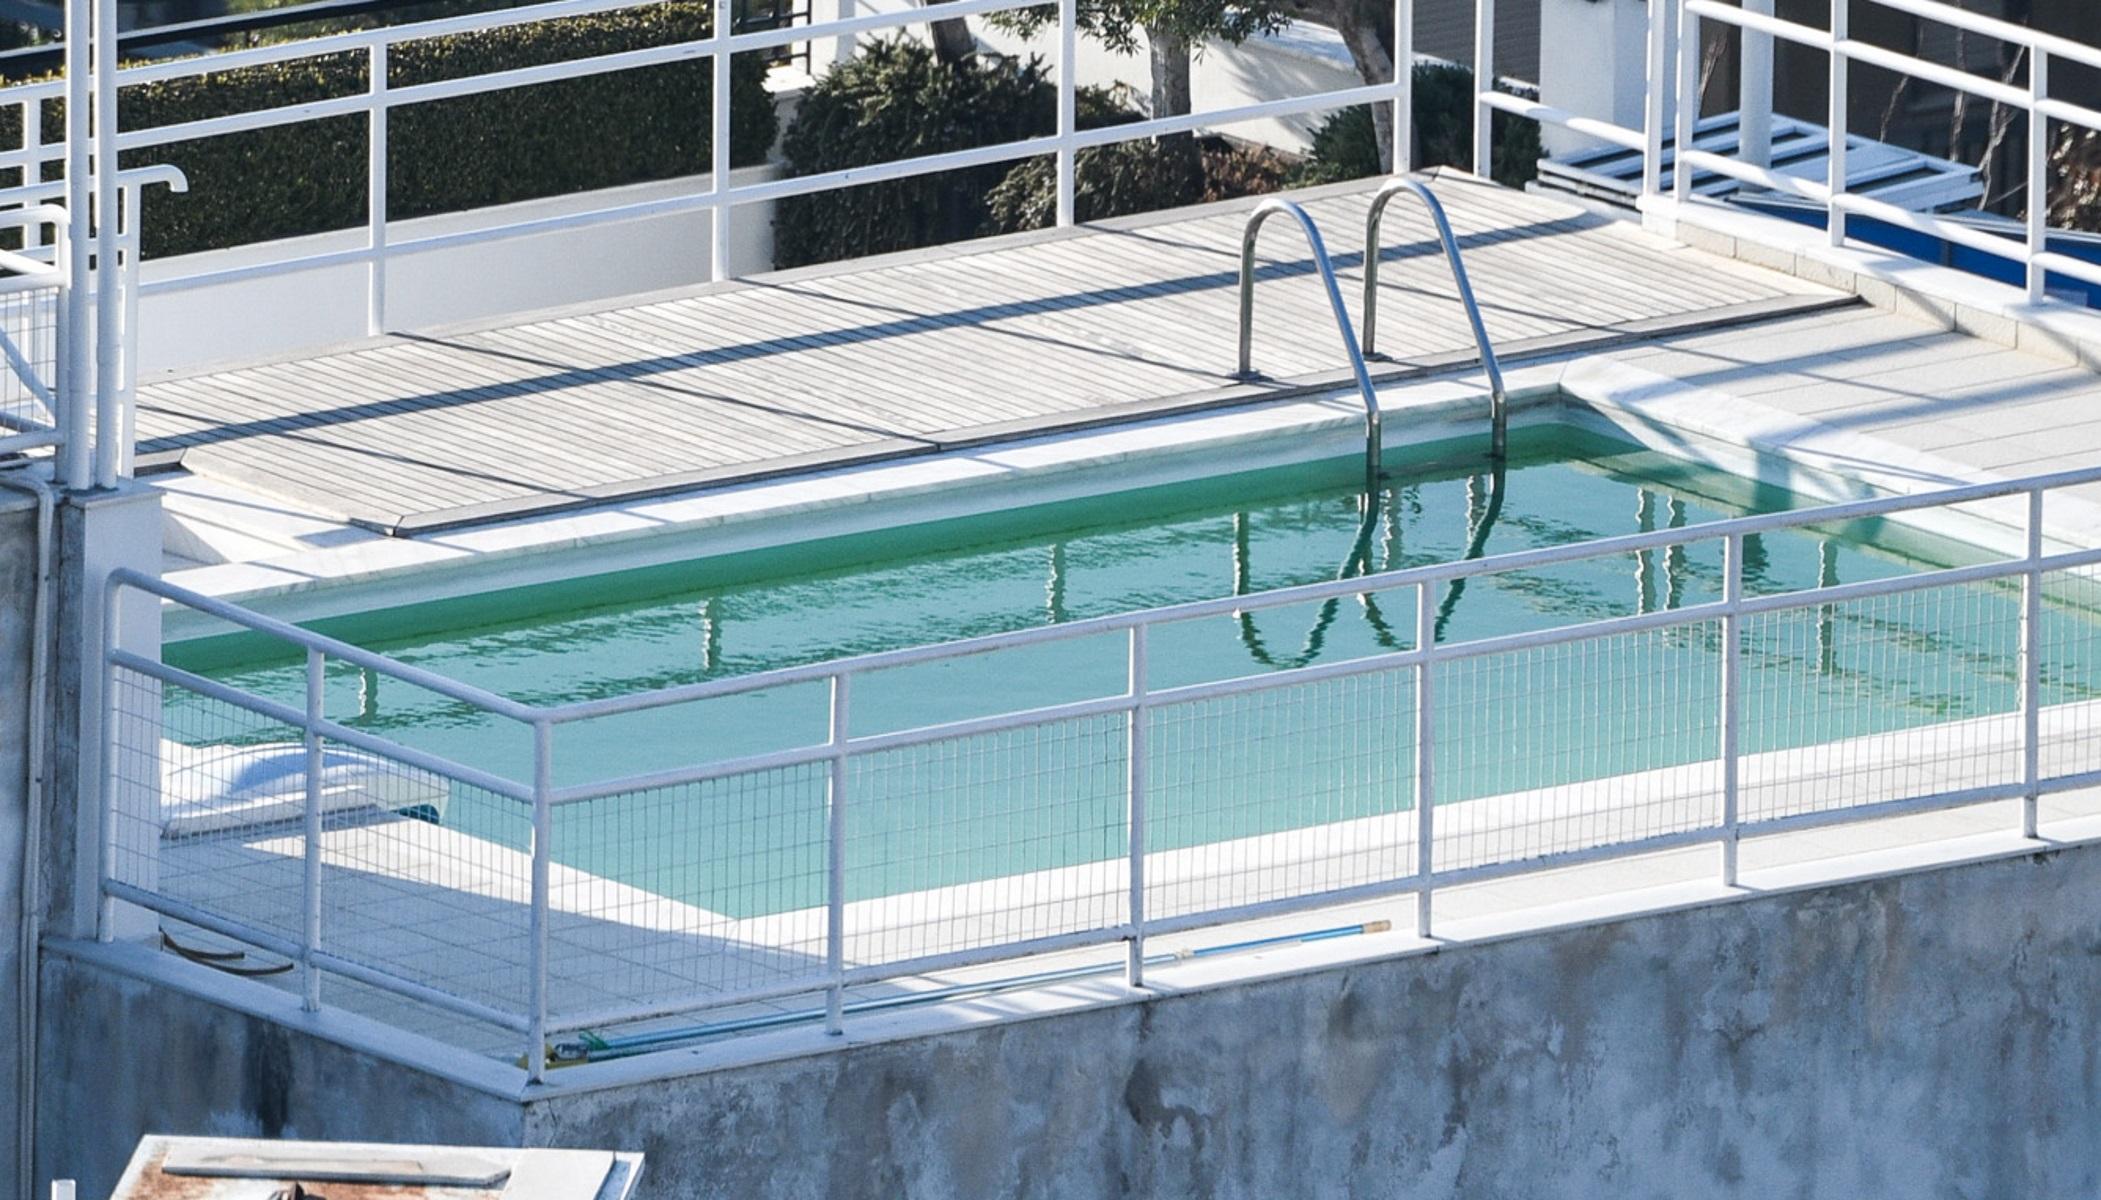 Νέος πνιγμός σε πισίνα! Νεκρή 43χρονη τουρίστρια στη Σάμο!